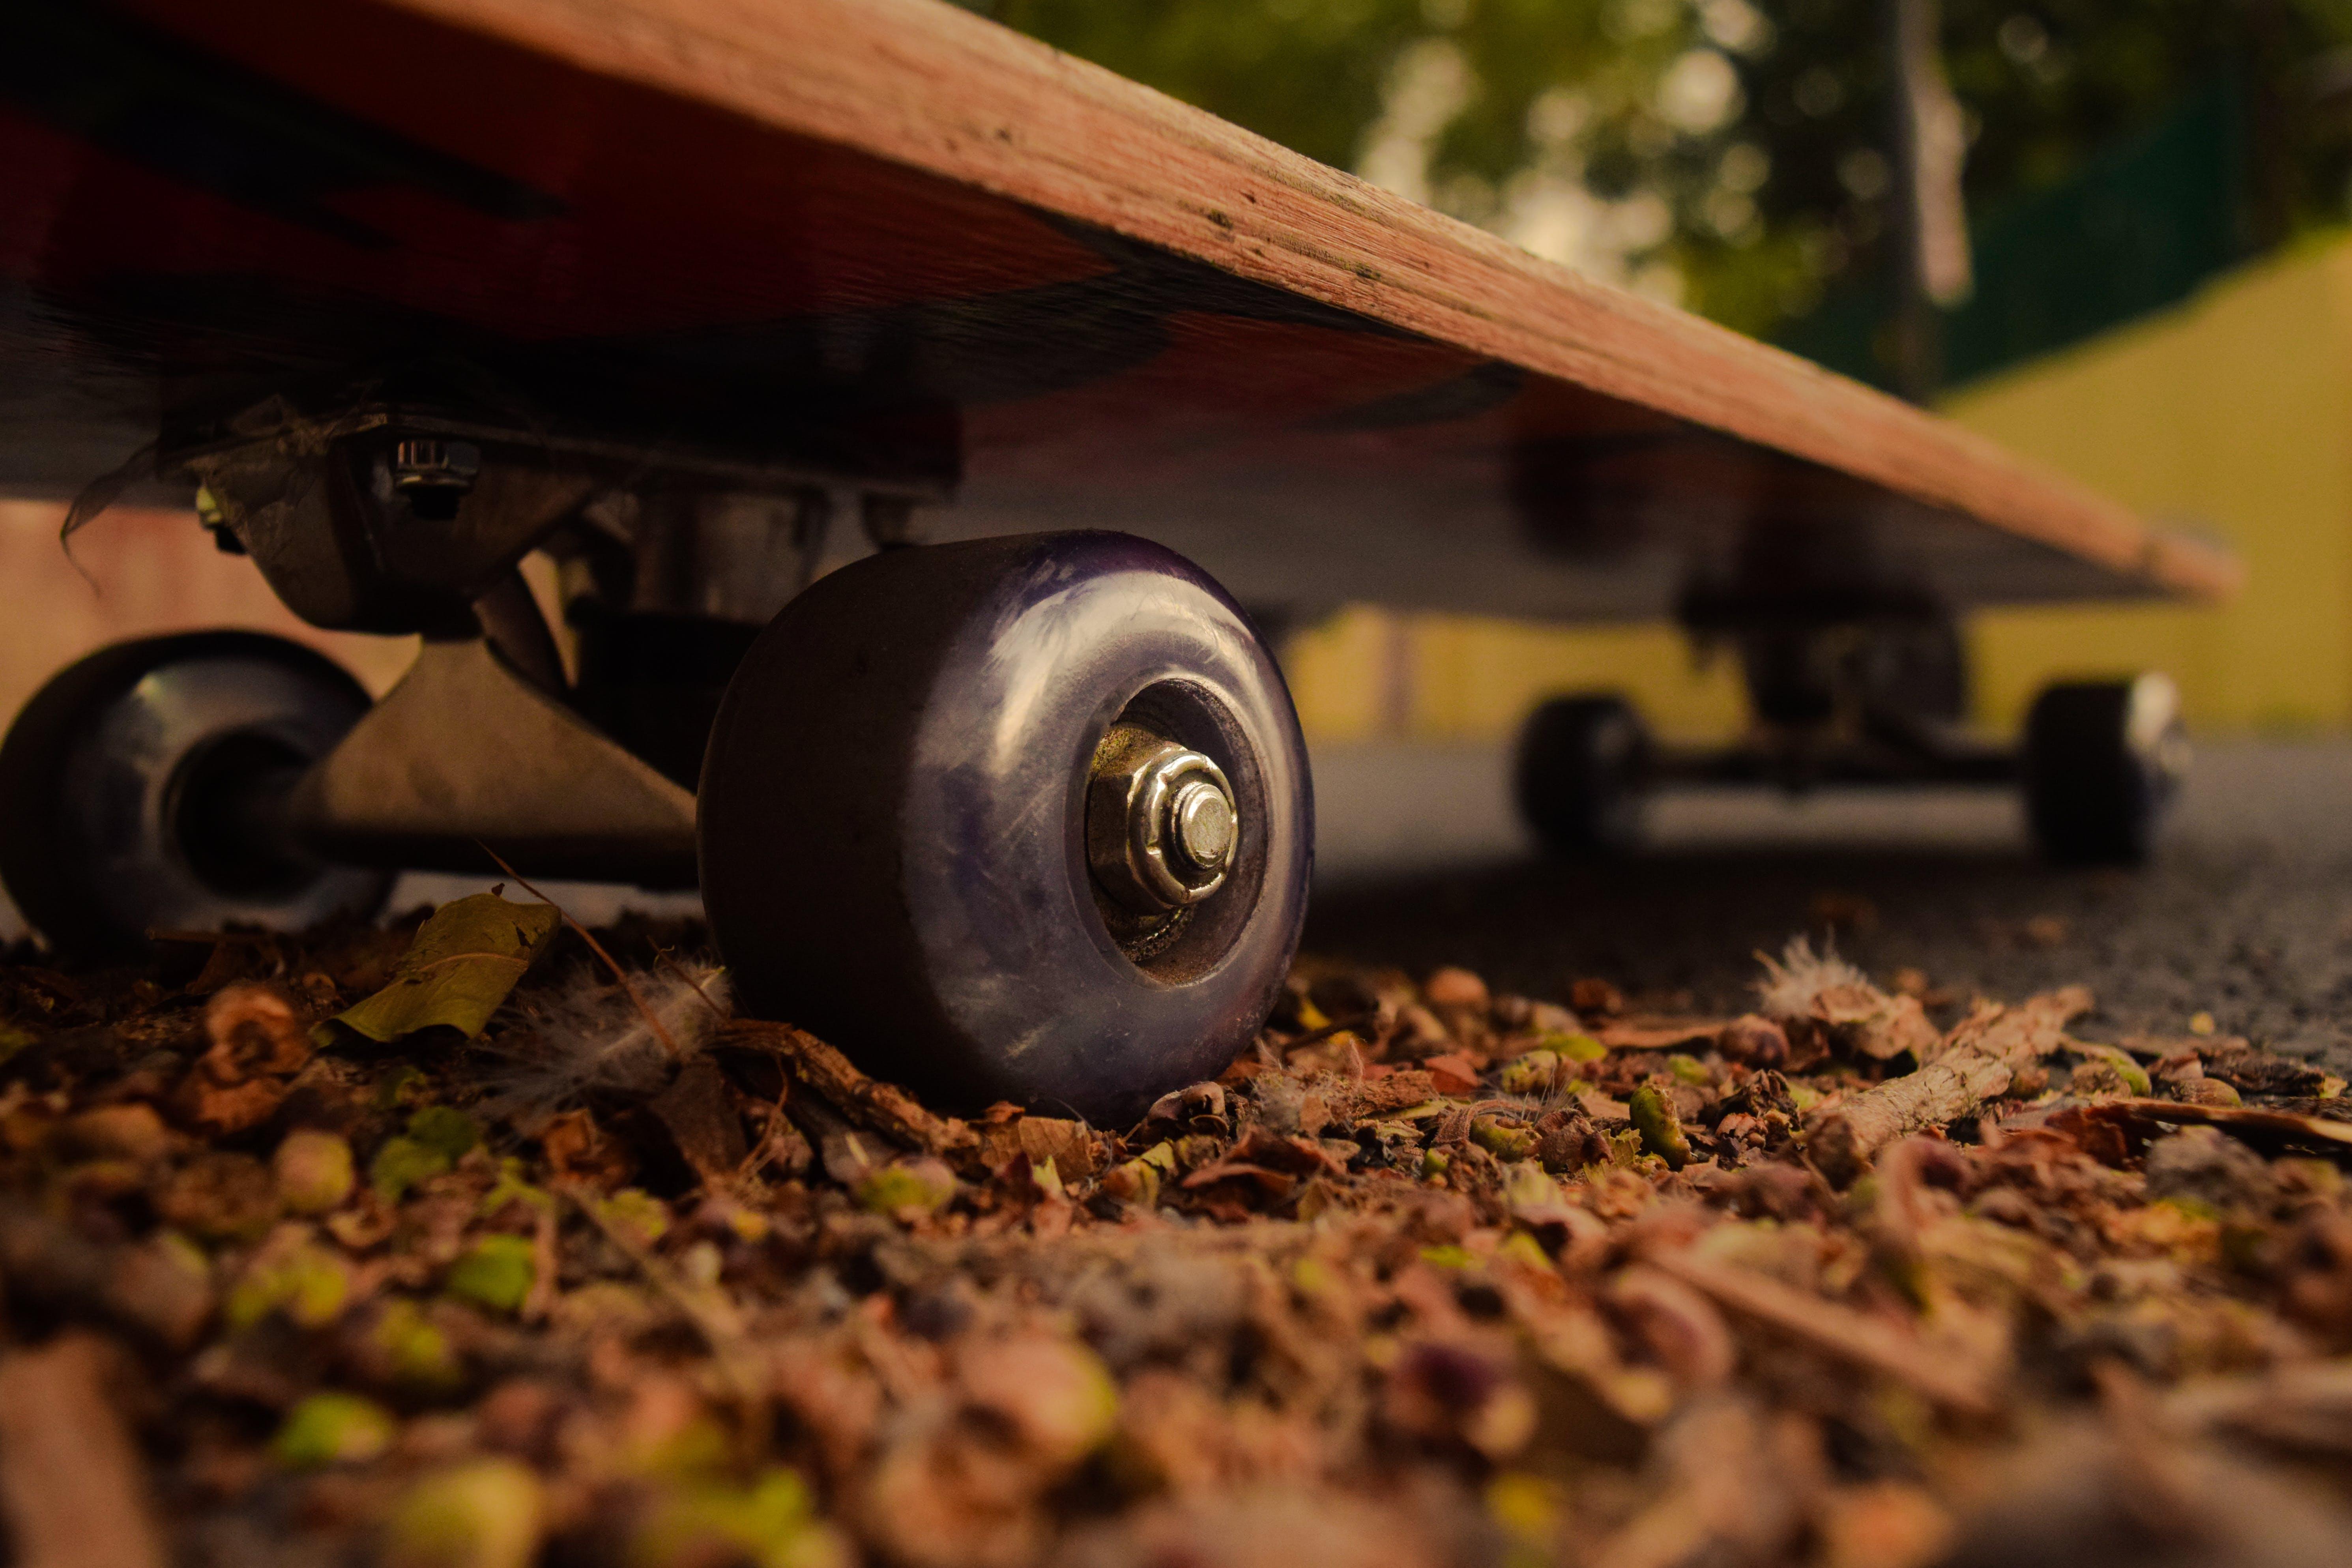 Δωρεάν στοκ φωτογραφιών με skateboard, skateboard φορτηγά, σκόνη, τροχοί